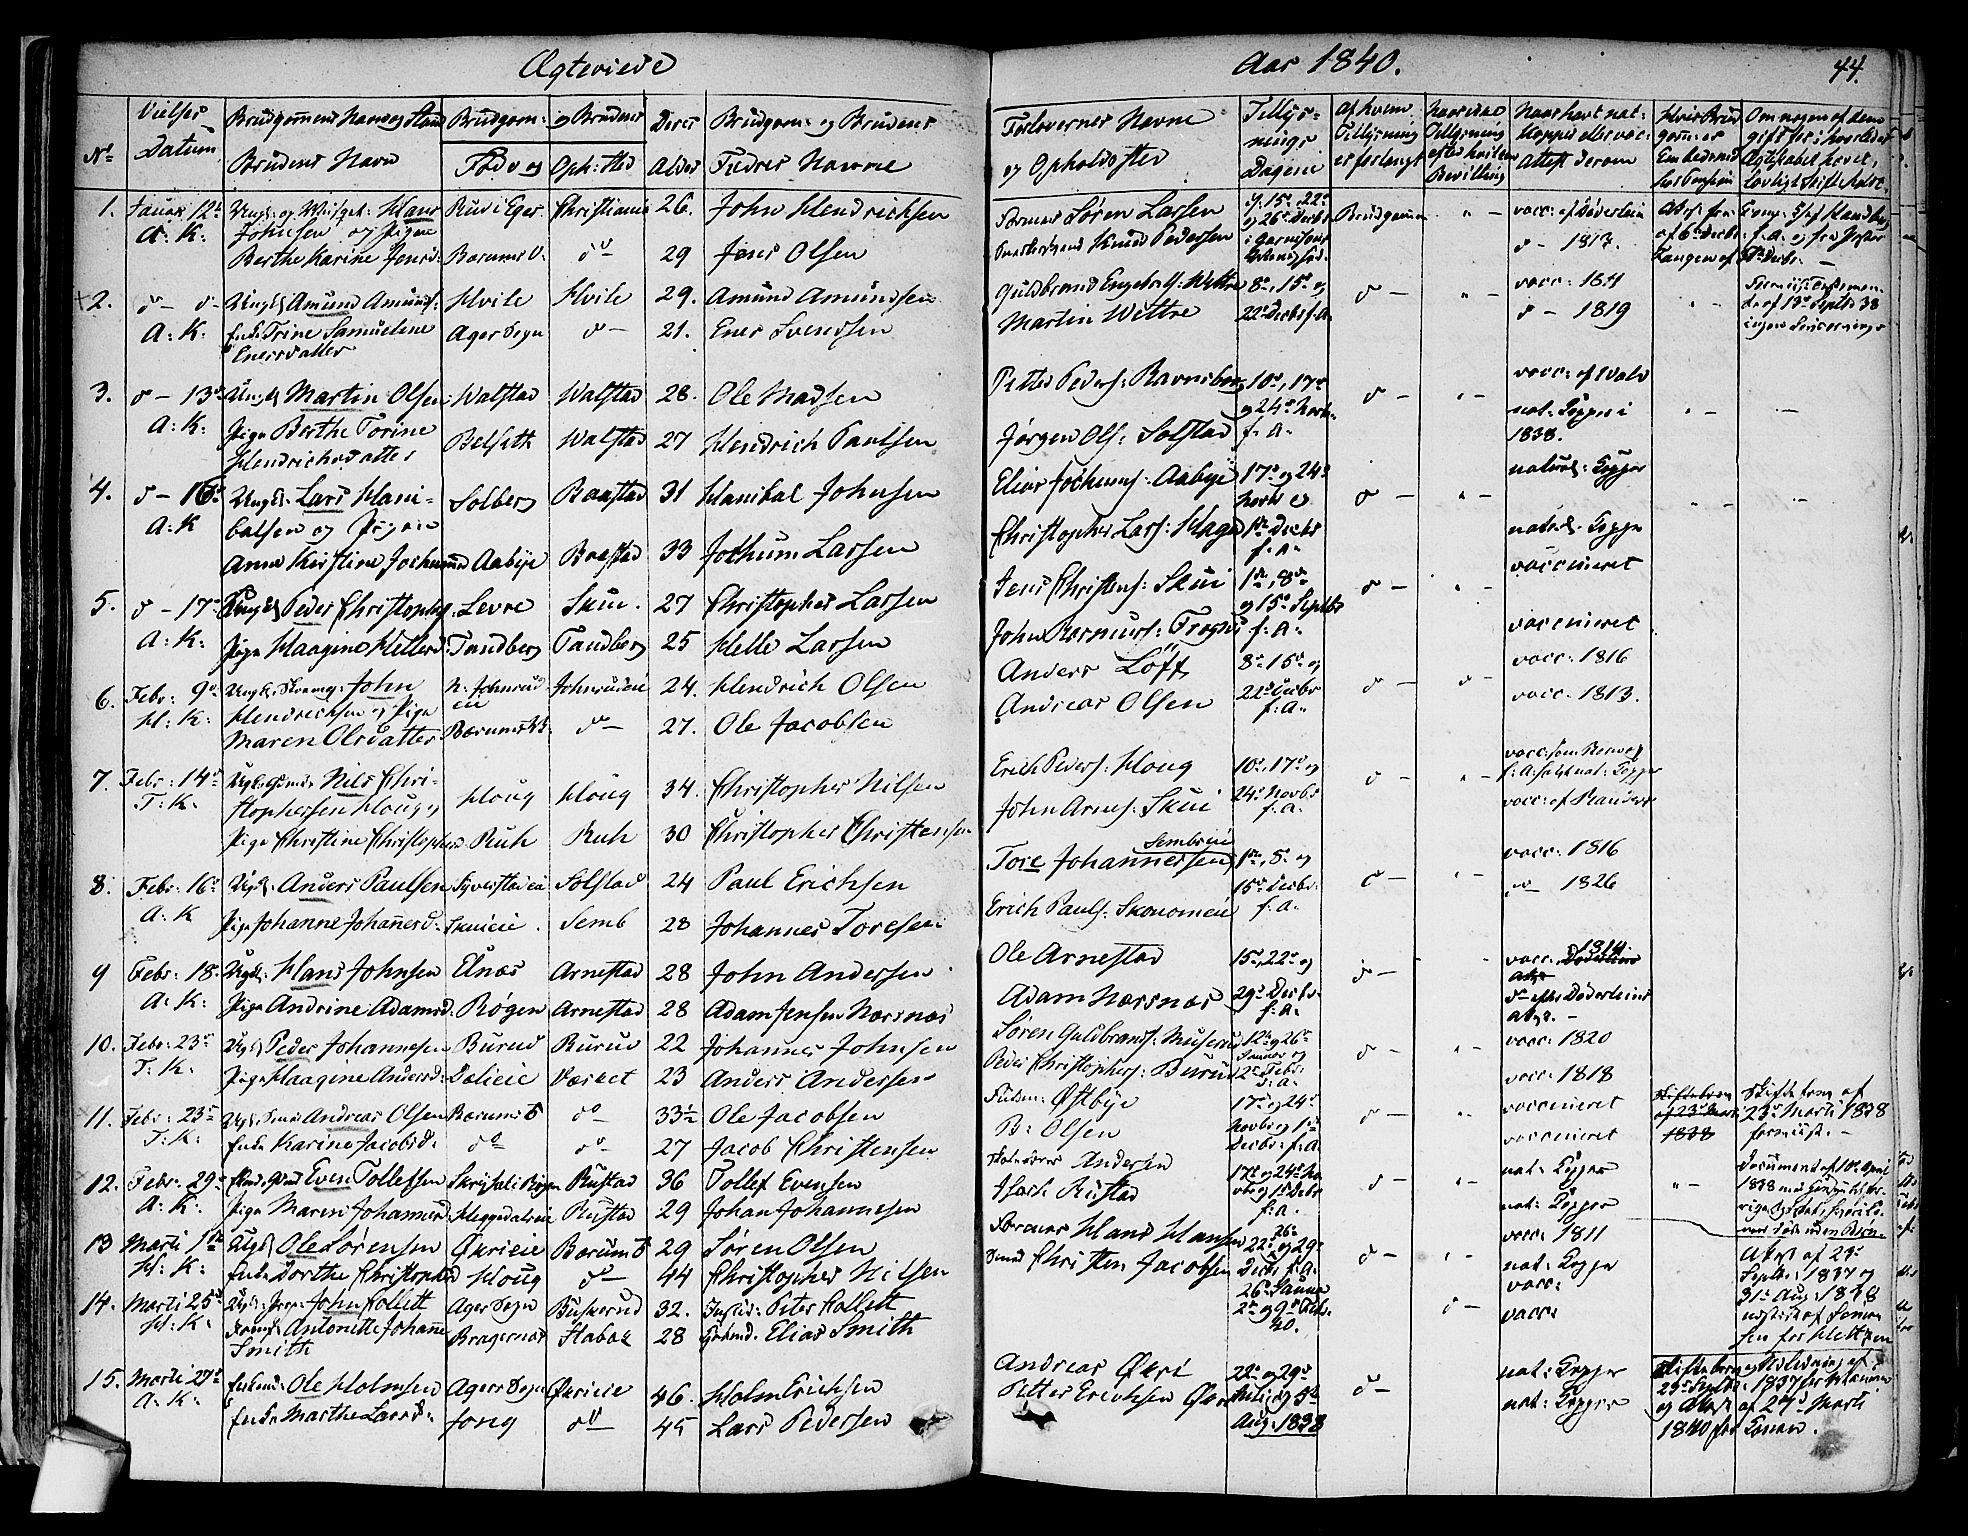 SAO, Asker prestekontor Kirkebøker, F/Fa/L0010: Ministerialbok nr. I 10, 1825-1878, s. 44